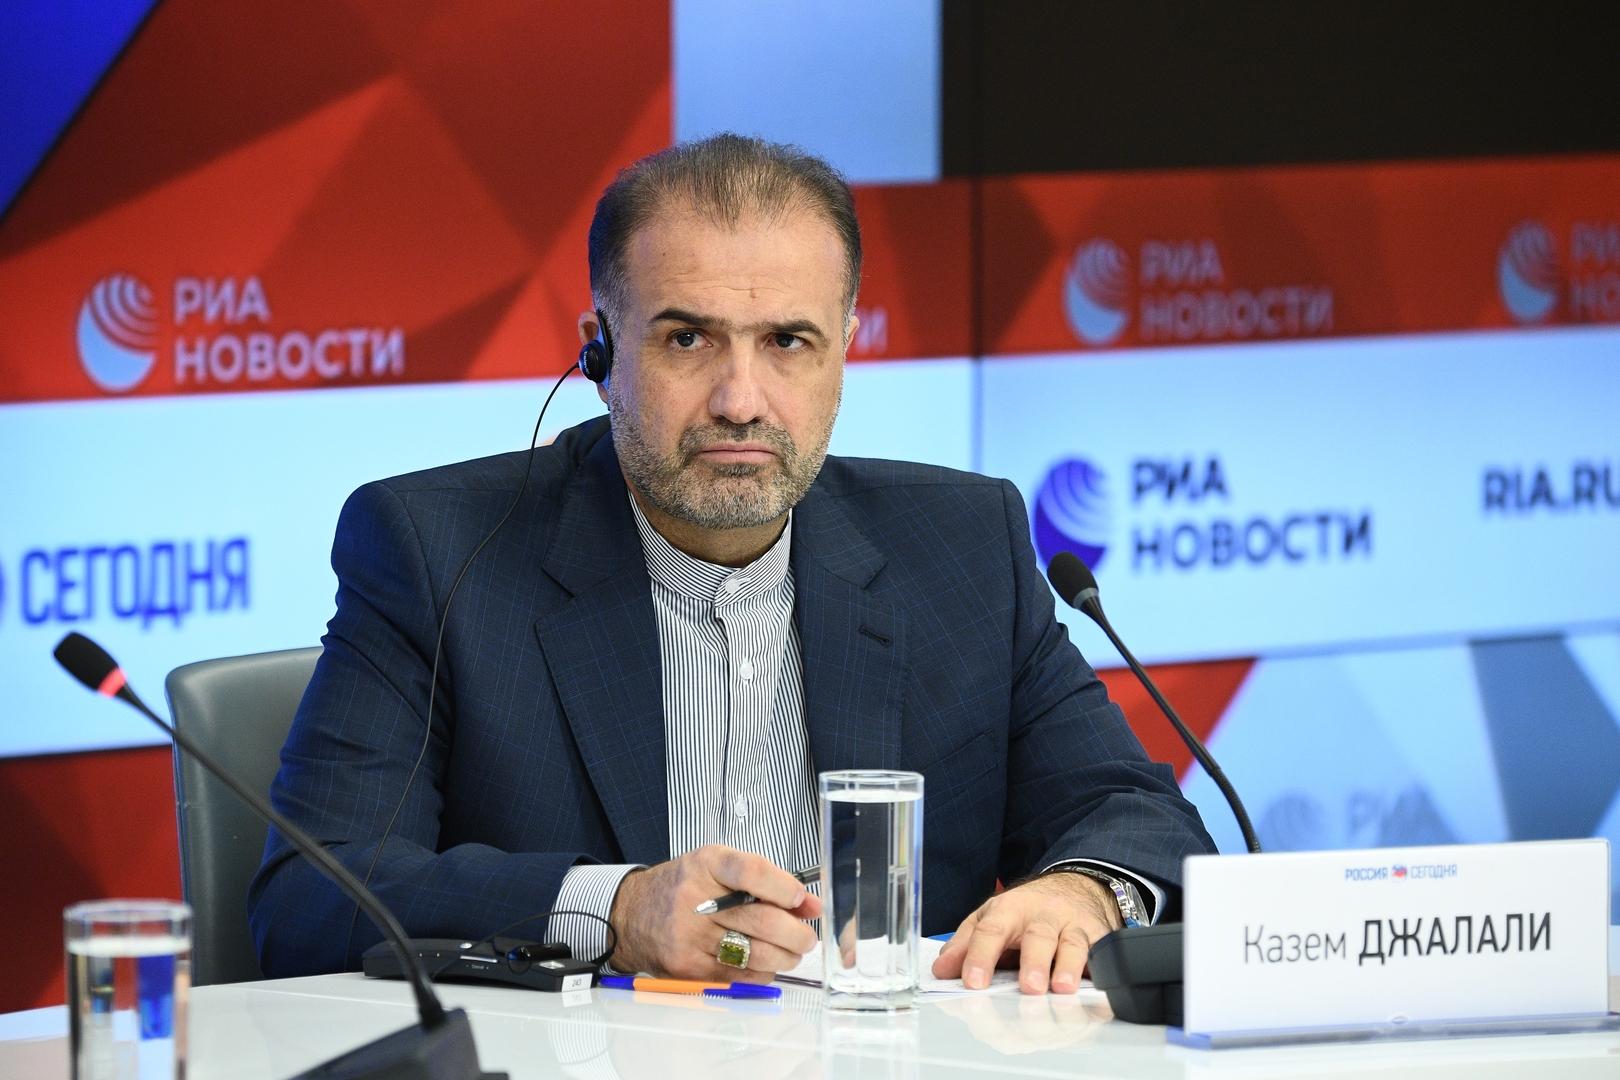 السفير الإيراني بموسكو: طهران تهتم بالأسلحة الروسية الحديثة